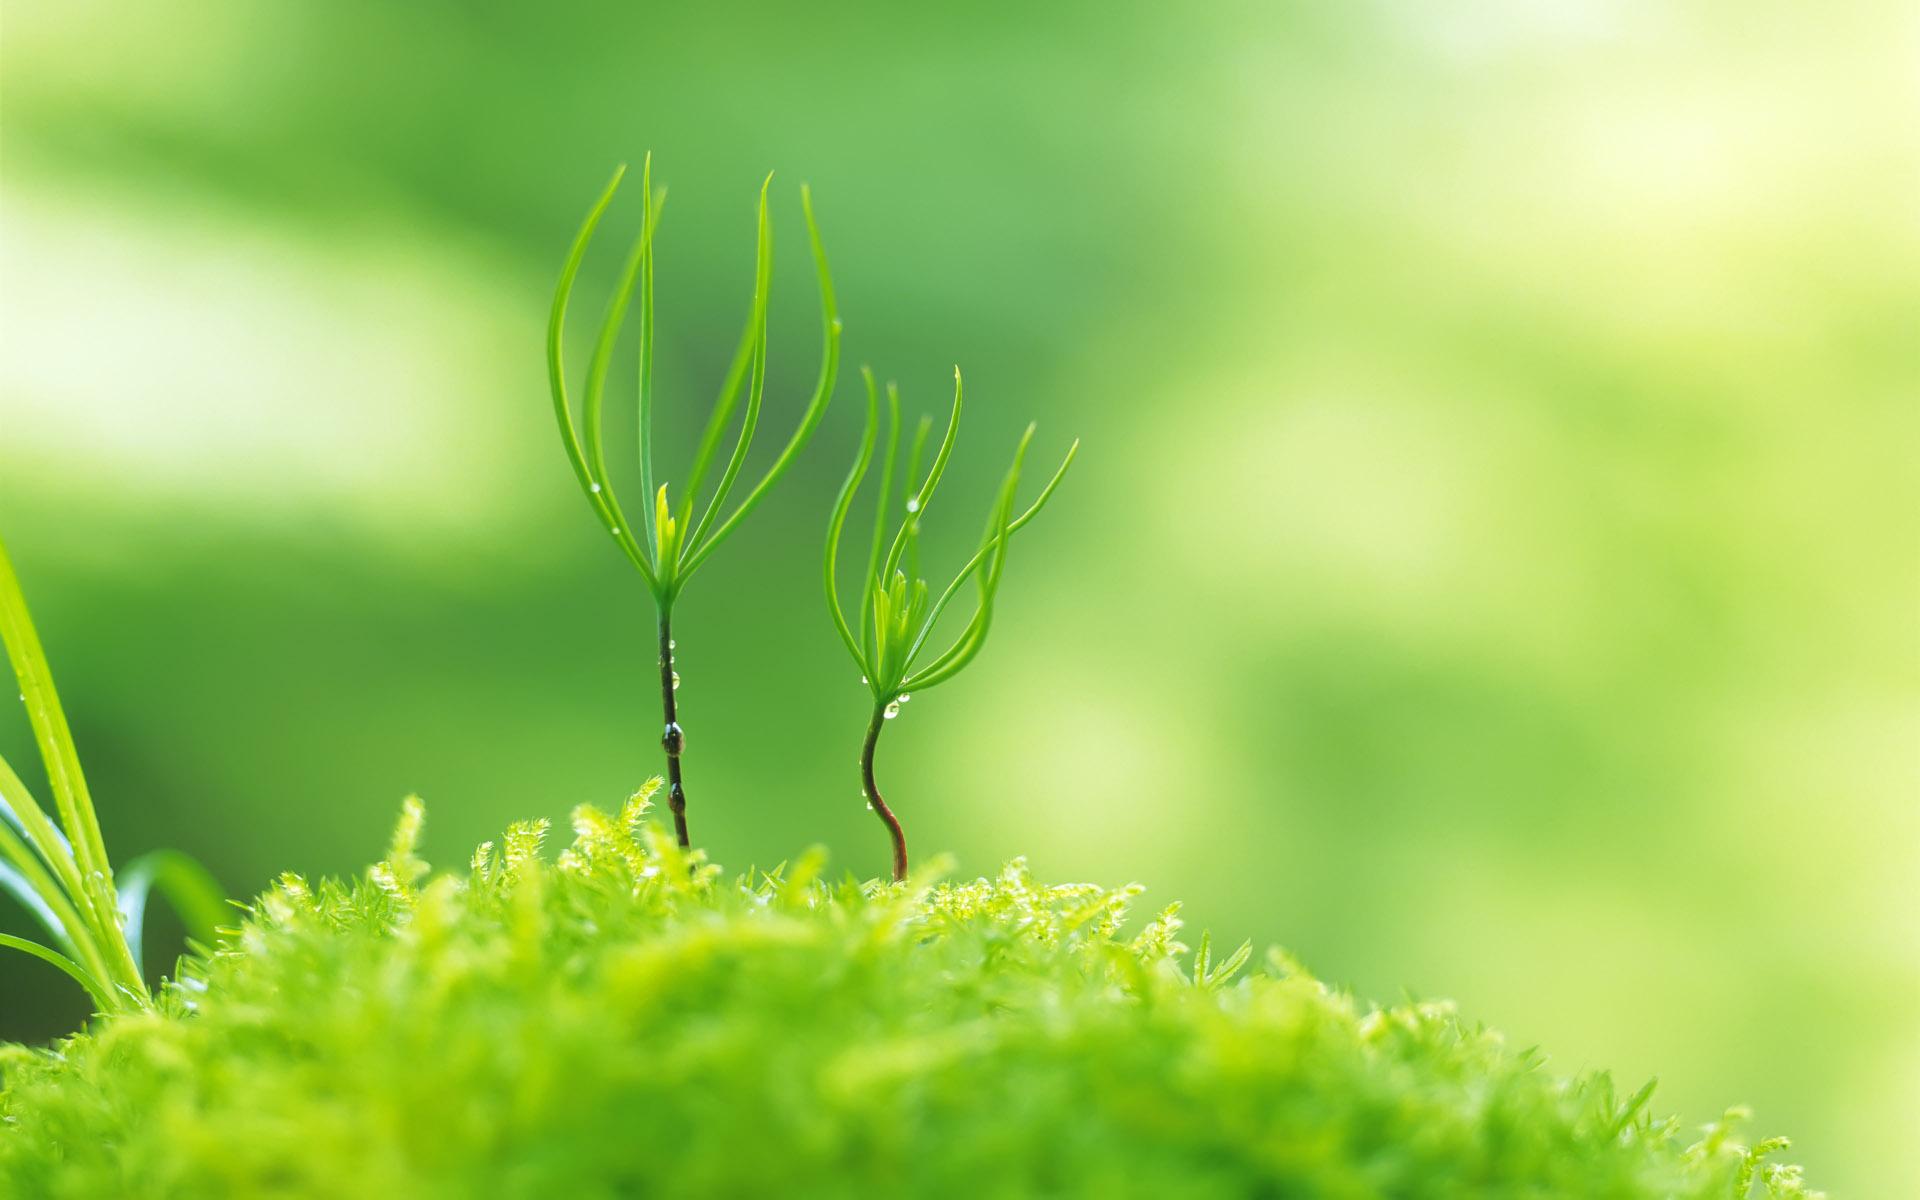 Tổng hợp những hình ảnh đẹp về chồi non xanh tươi